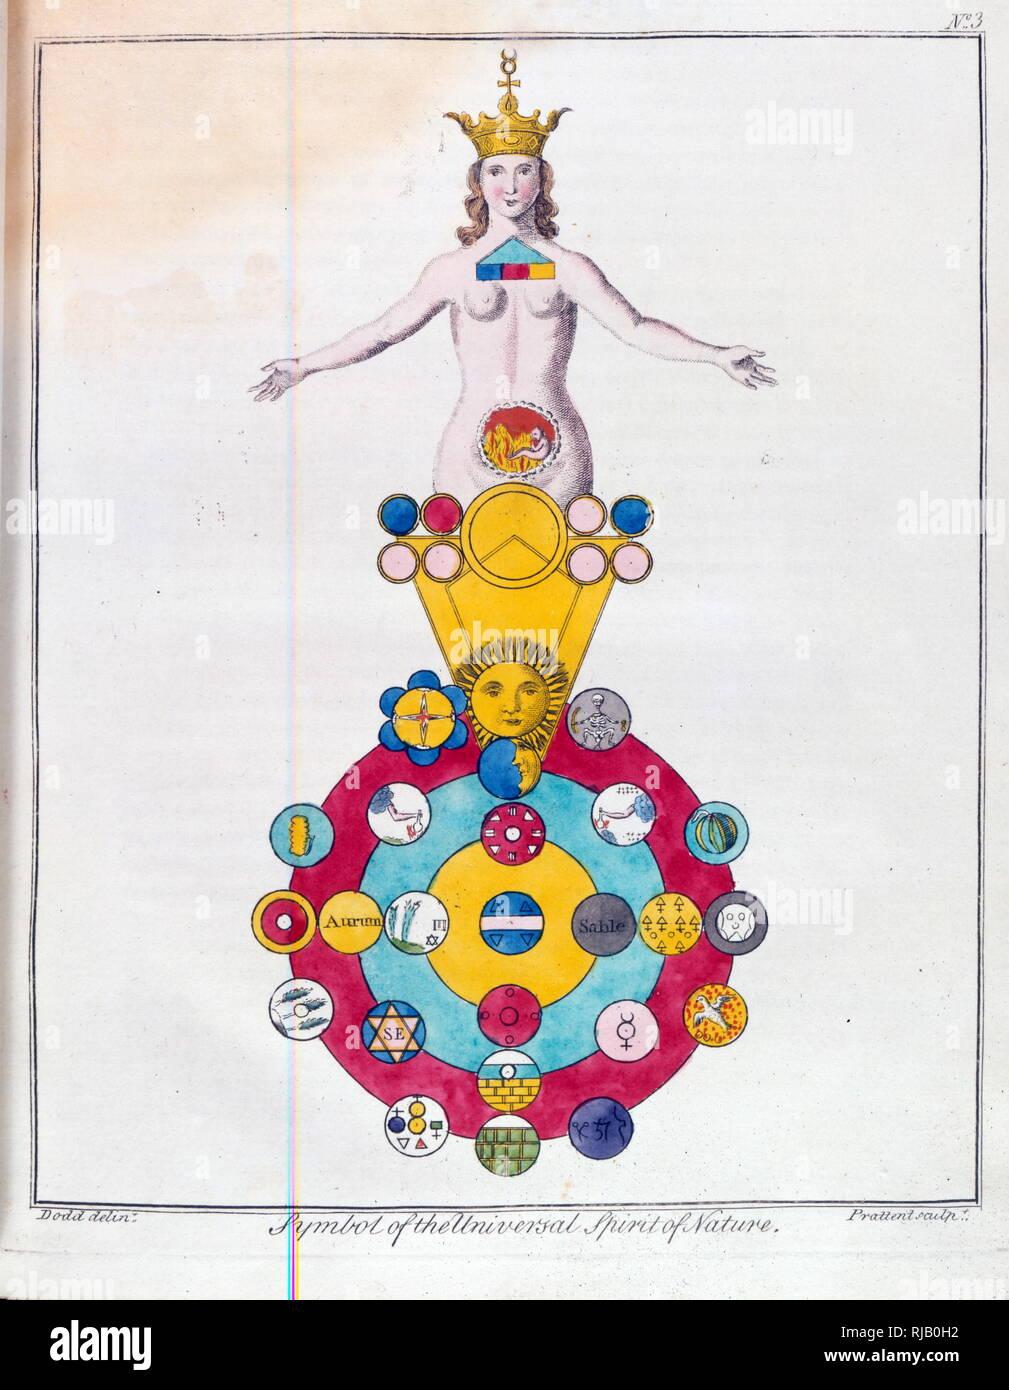 Jahrhundert, Okkult, symbolische Repräsentation des Universellen Geist der Natur 1798 Stockbild